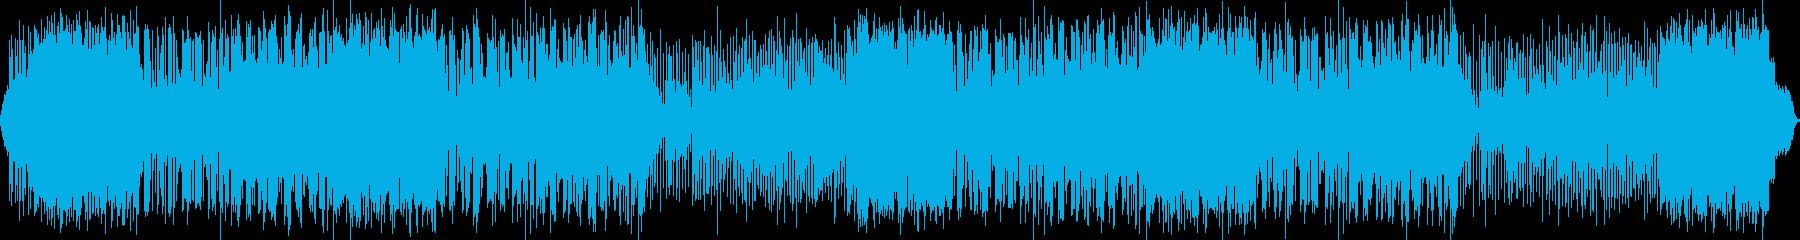 楽しく明るいポップロックBGMの再生済みの波形